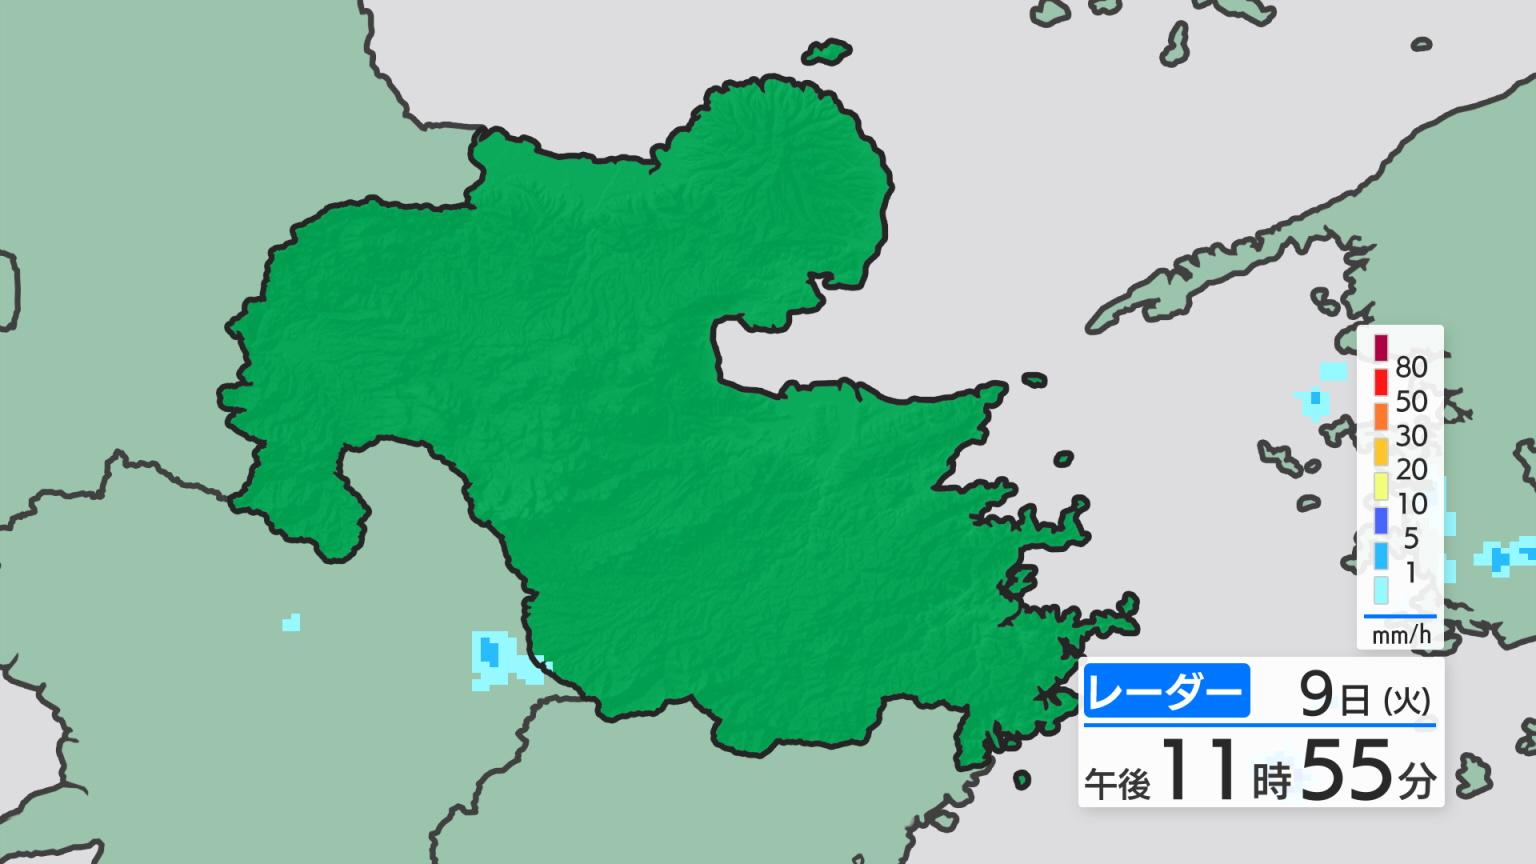 県内の天気 >> レーダー・アメダス >> レーダー大分(最新)